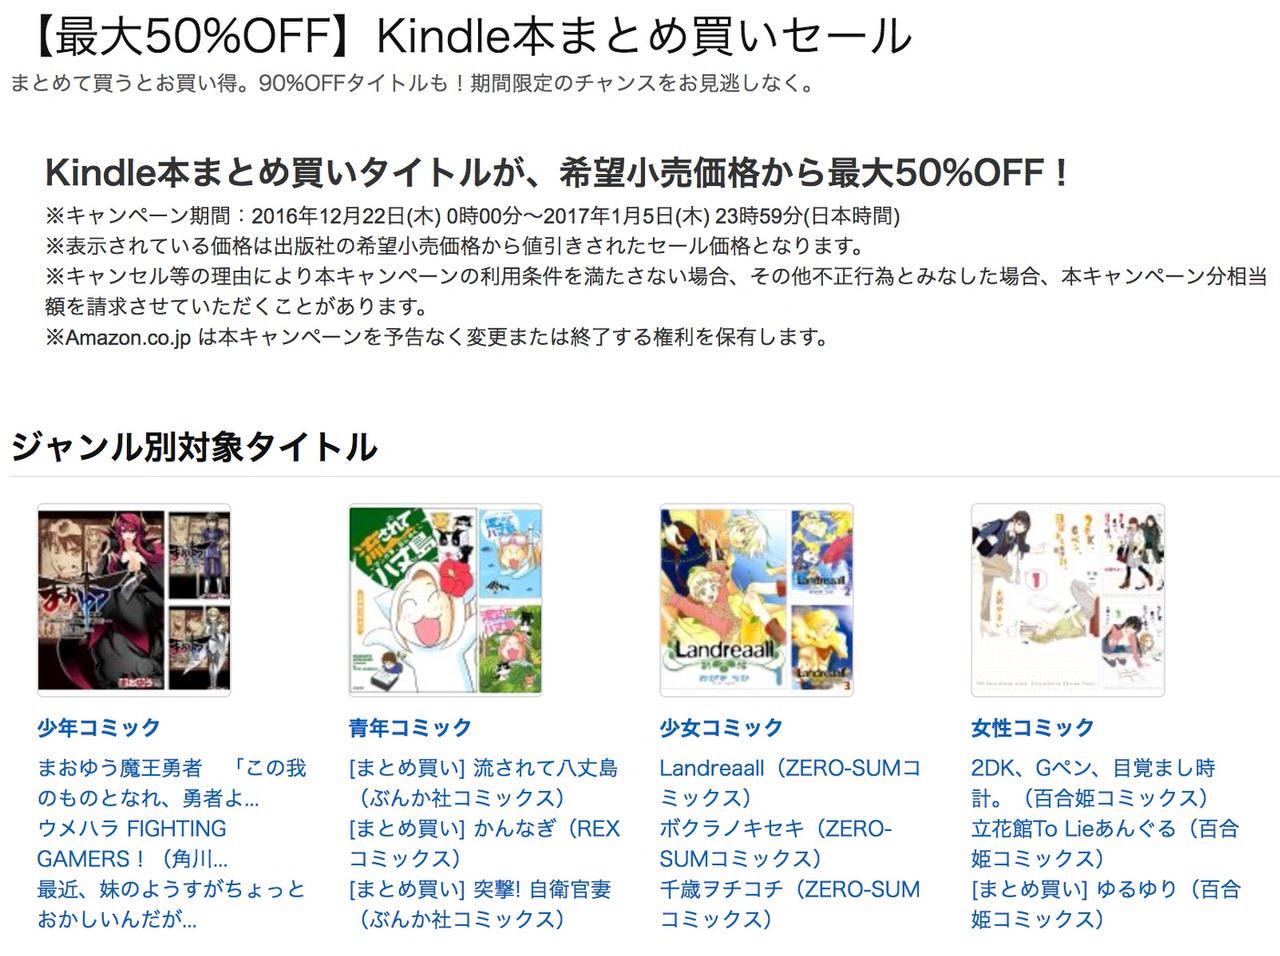 【最大50%OFF】Kindle本まとめ買いセール 〜エリア51、流されて八丈島、栄光なき天才たちなど